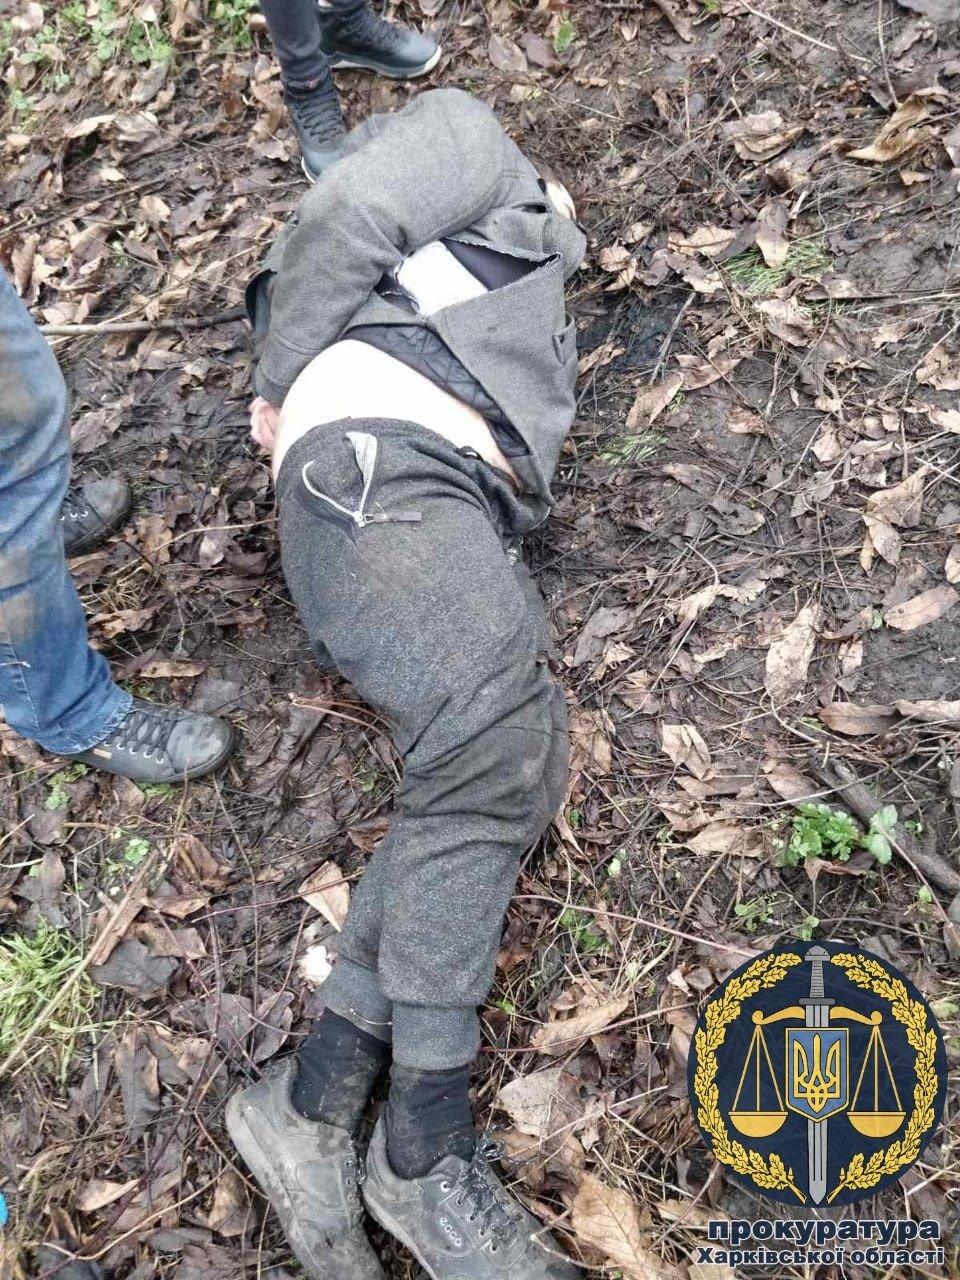 Взял заложницу и ранил полицейского ножом в шею: в Харькове будут судить мужчину, - ФОТО, фото-2